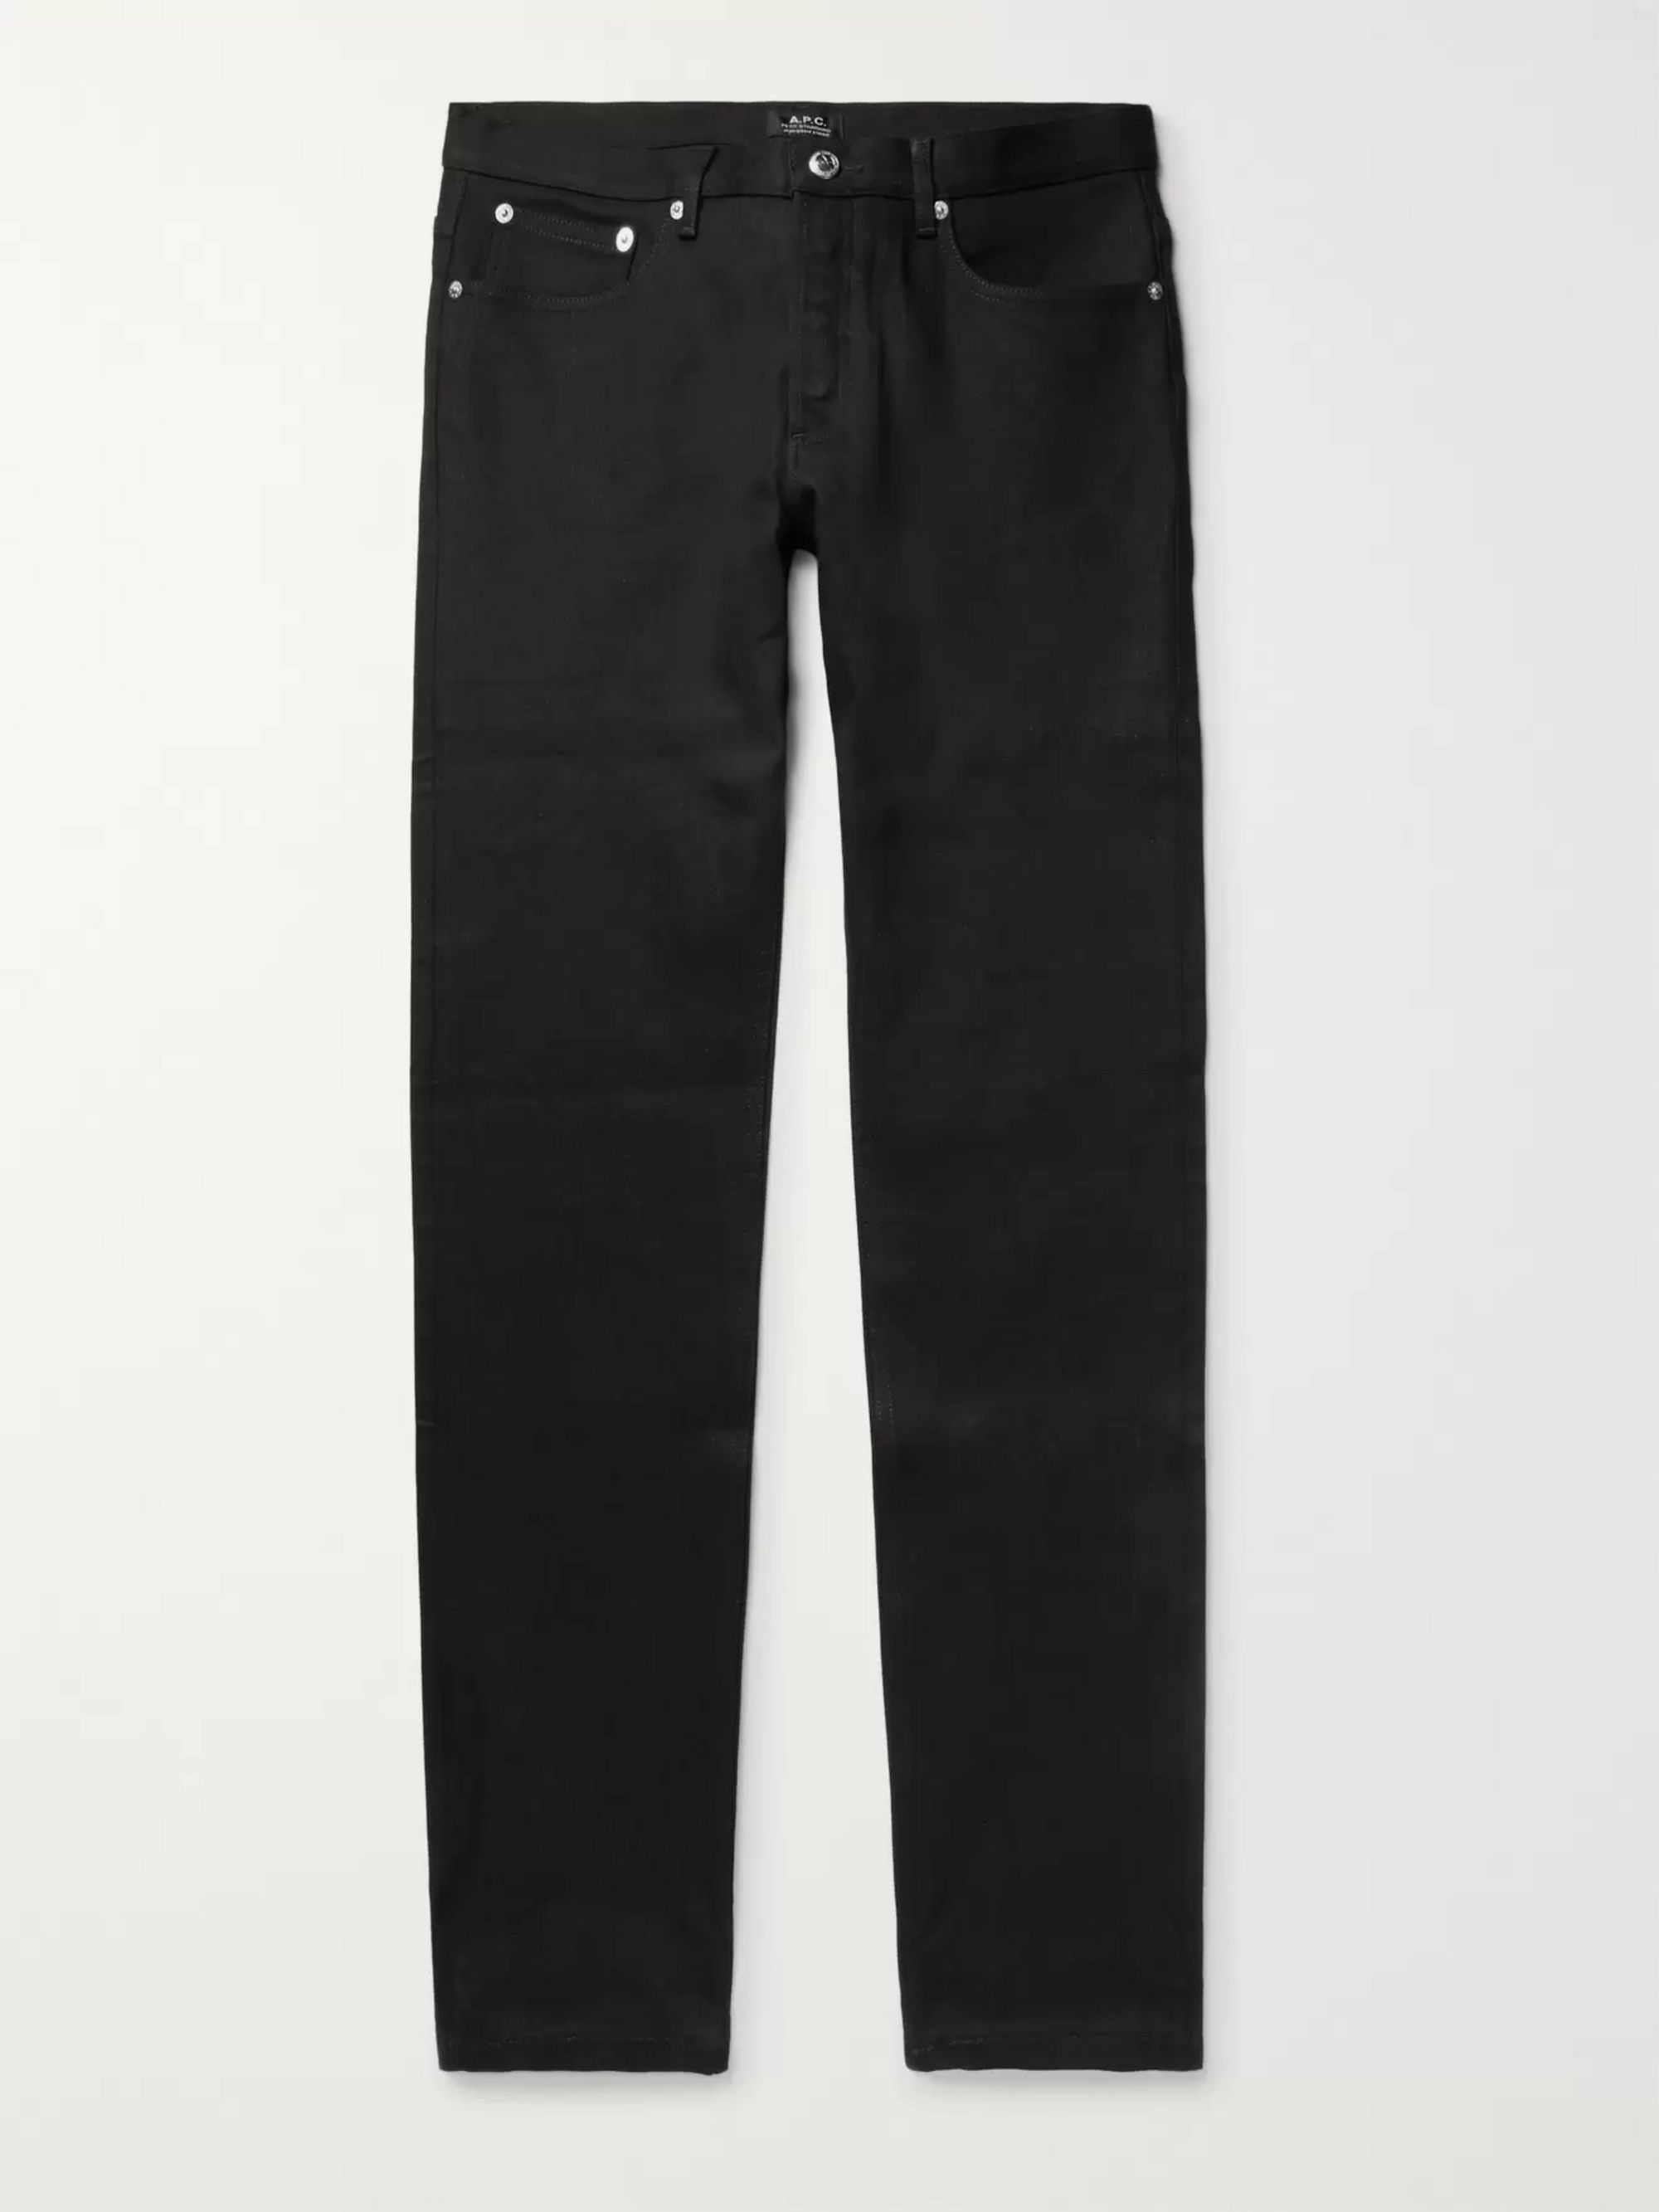 Petit Standard Slim Fit Stretch Denim Jeans